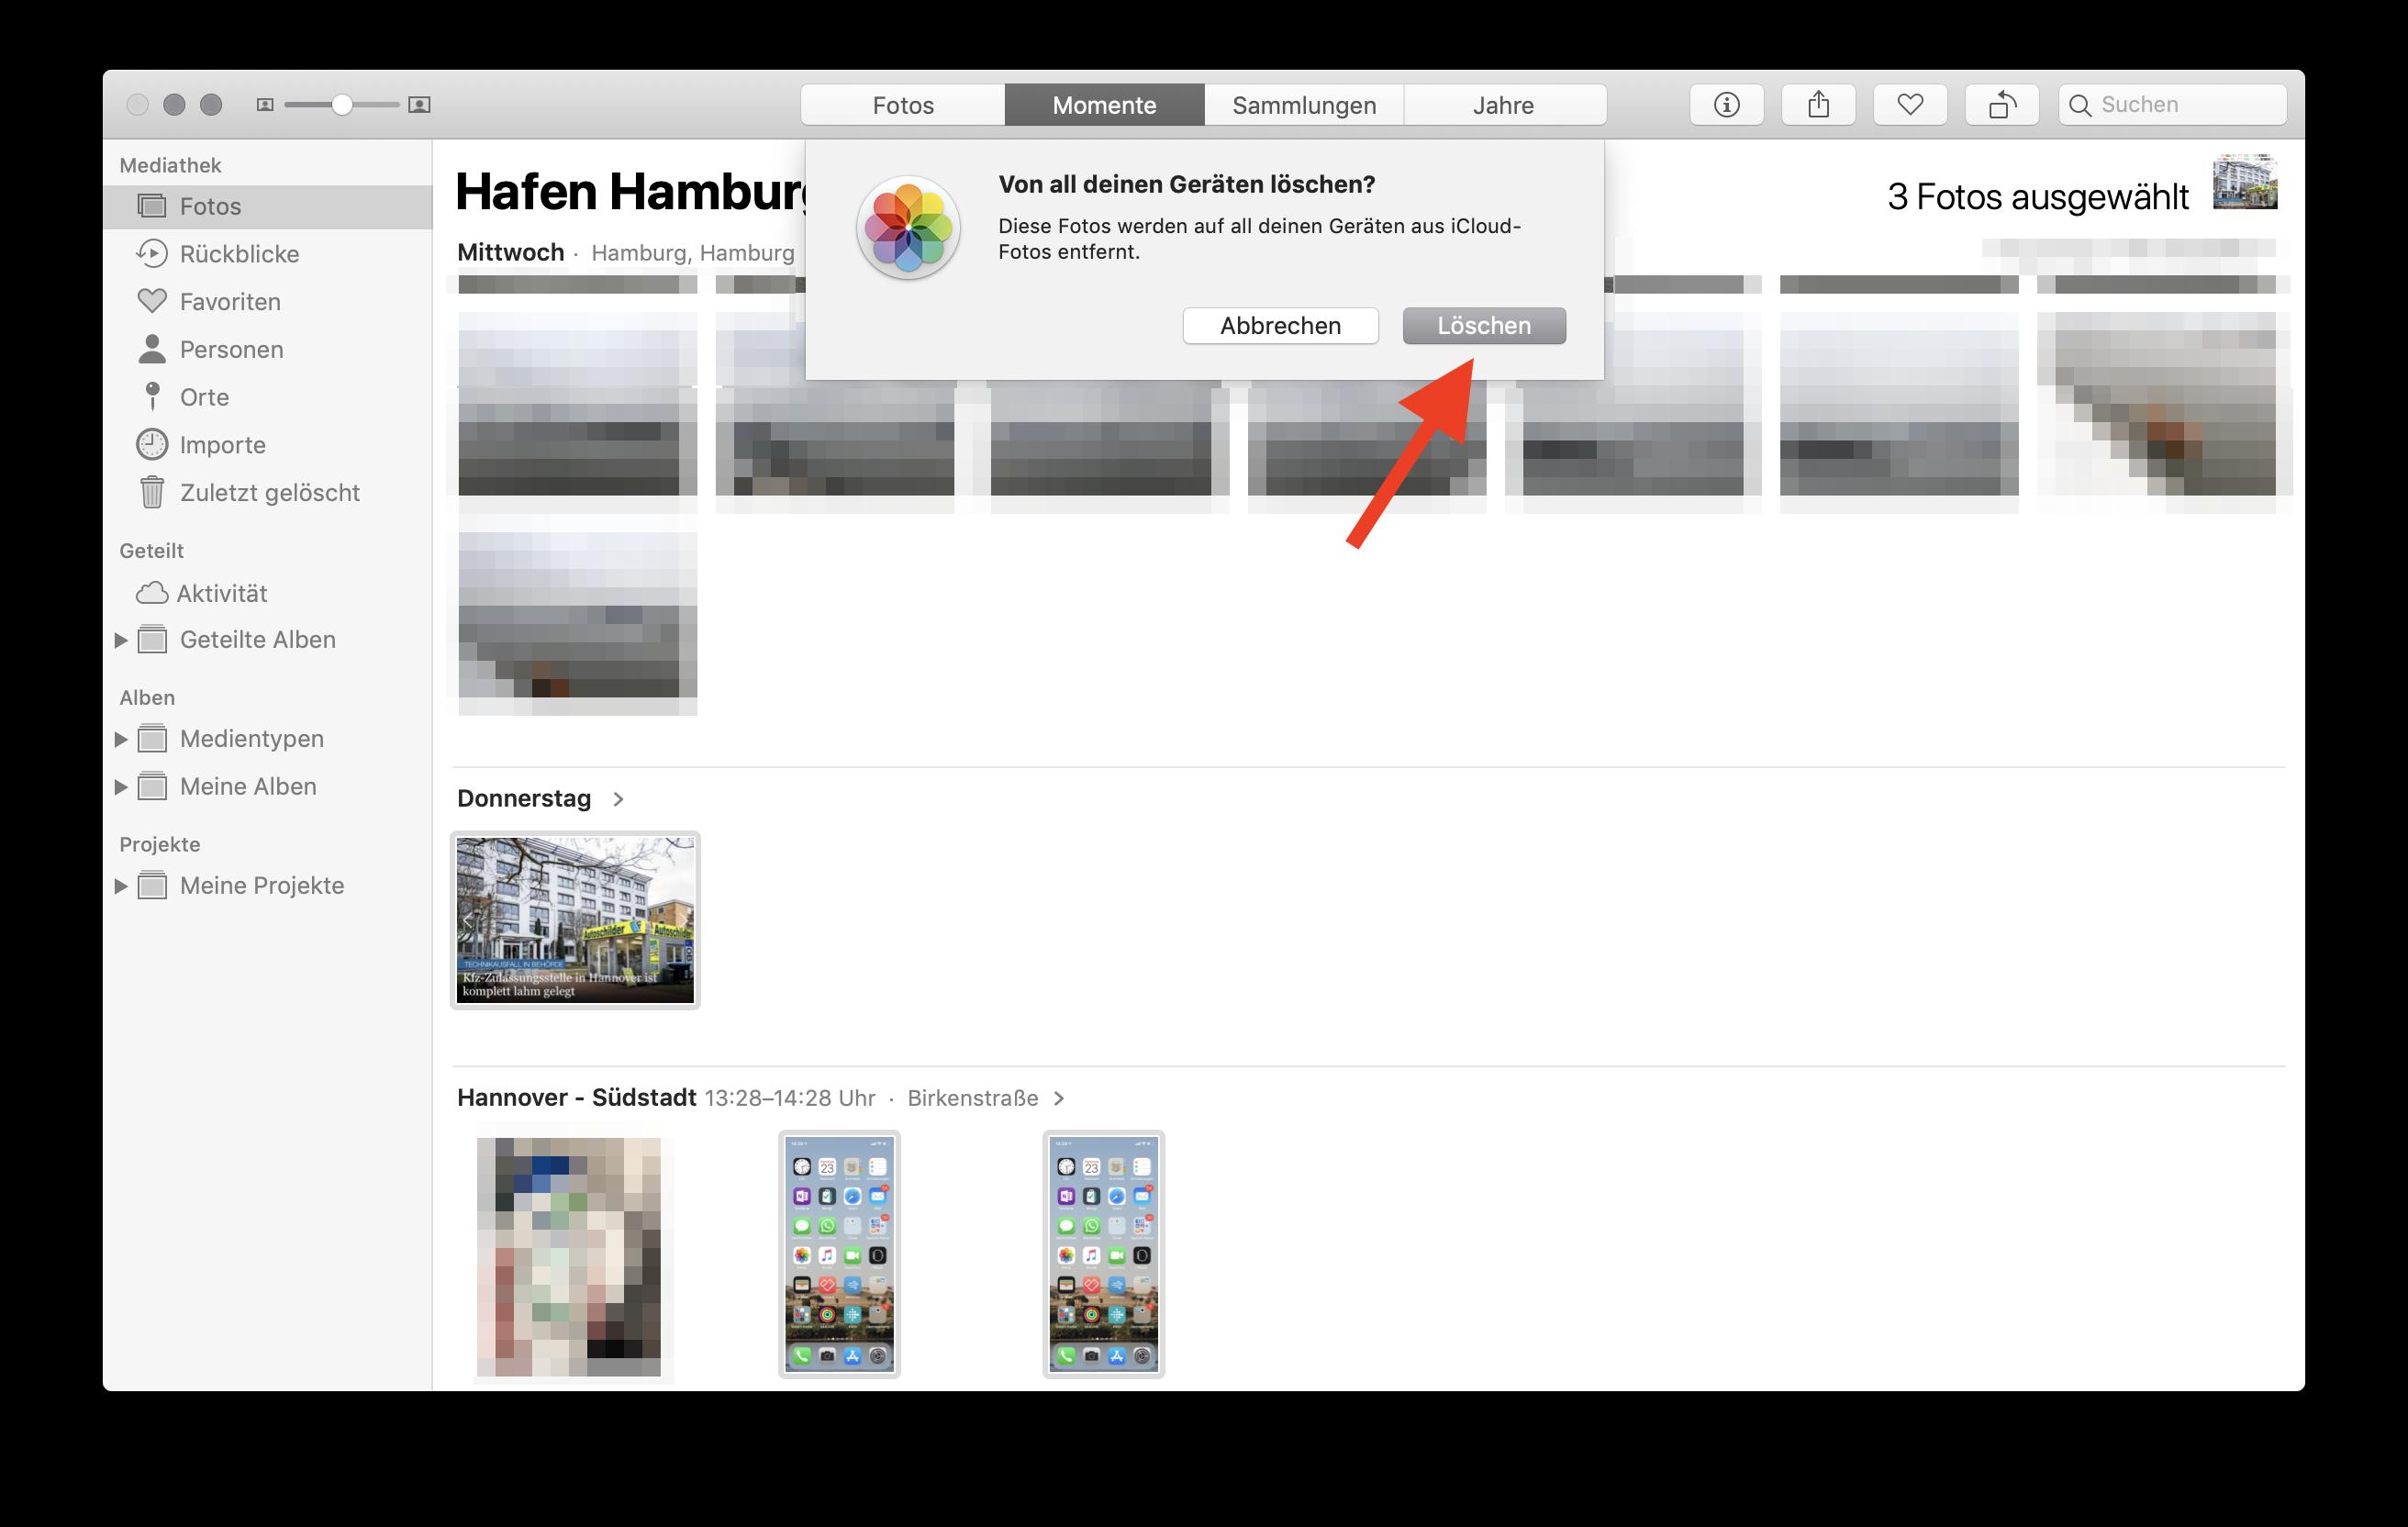 Fotos sofort und endgültig aus der iCloud (Fotostream) löschen Löschen drücken Löschen drücken